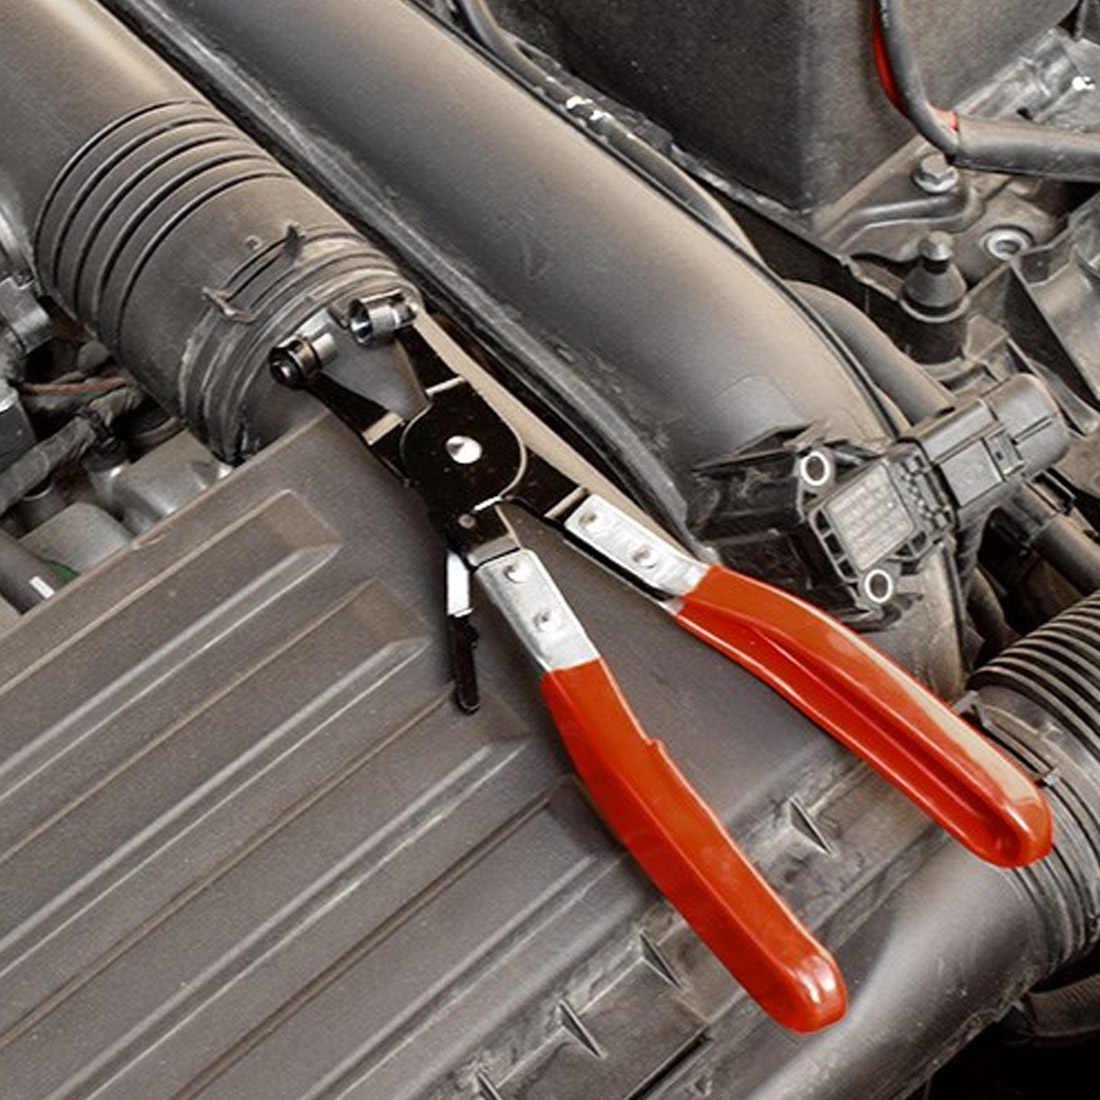 חם באיכות גבוהה רכב מים צינור צינור הסרת כלי שטוח להקת טבעת סוג צינור קלאמפ פלייר